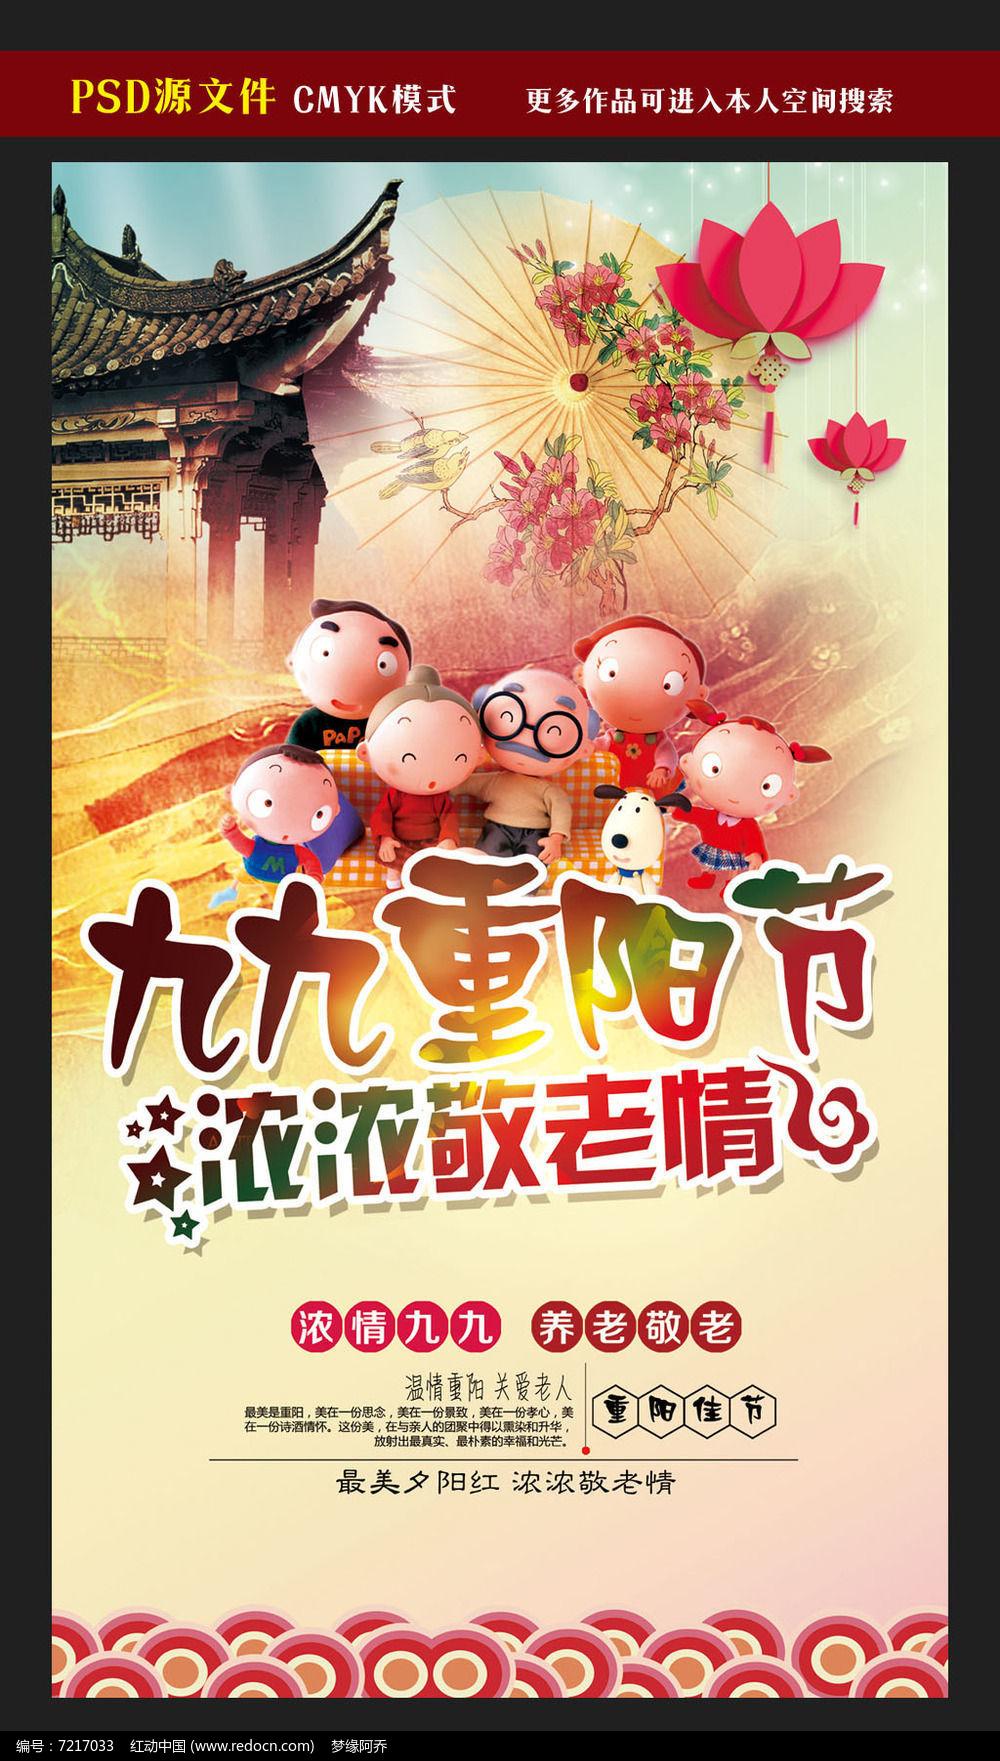 九九重阳节敬老情促销海报图片